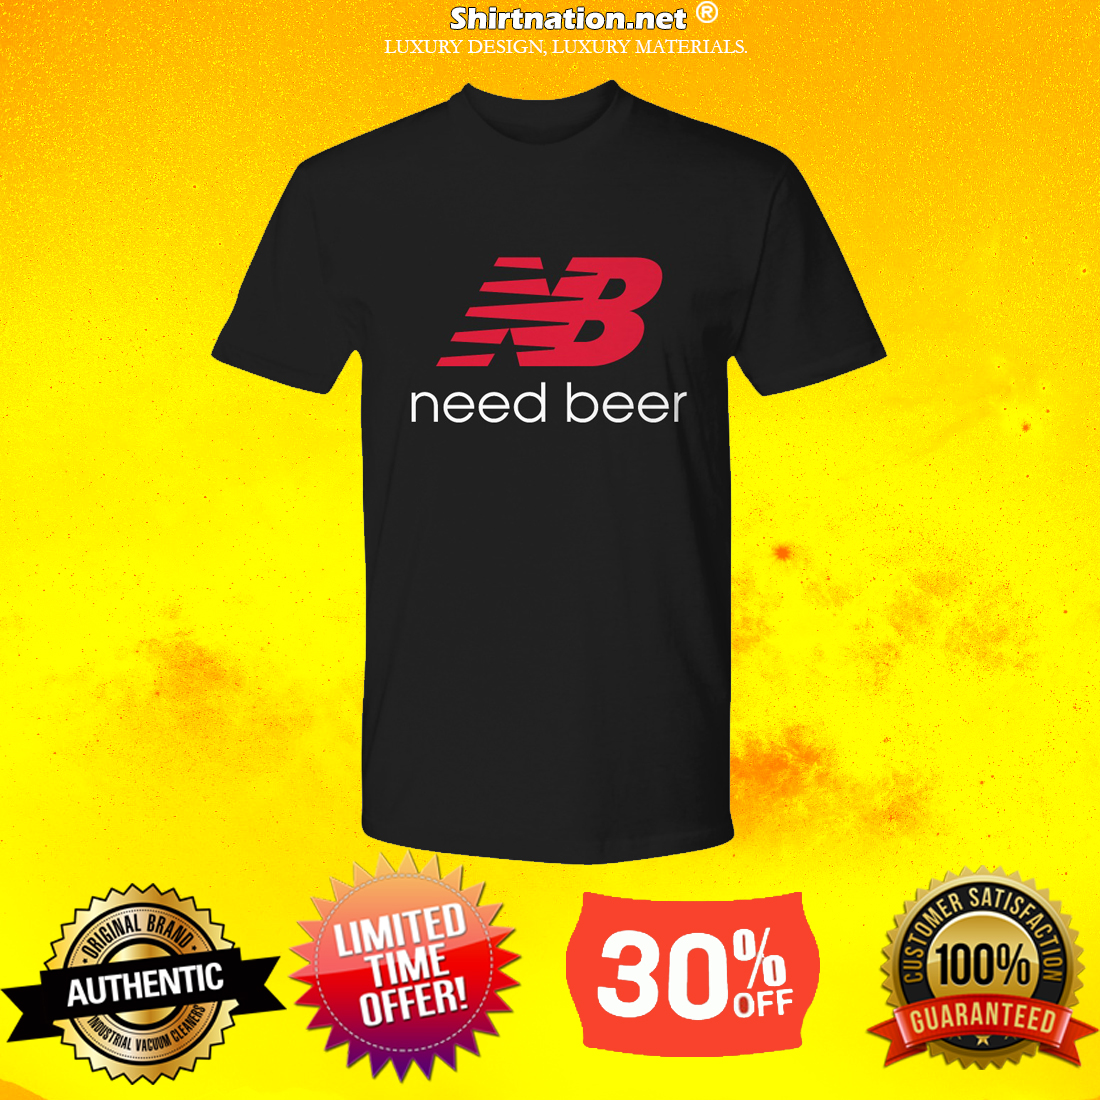 New balance need beer premium shirt